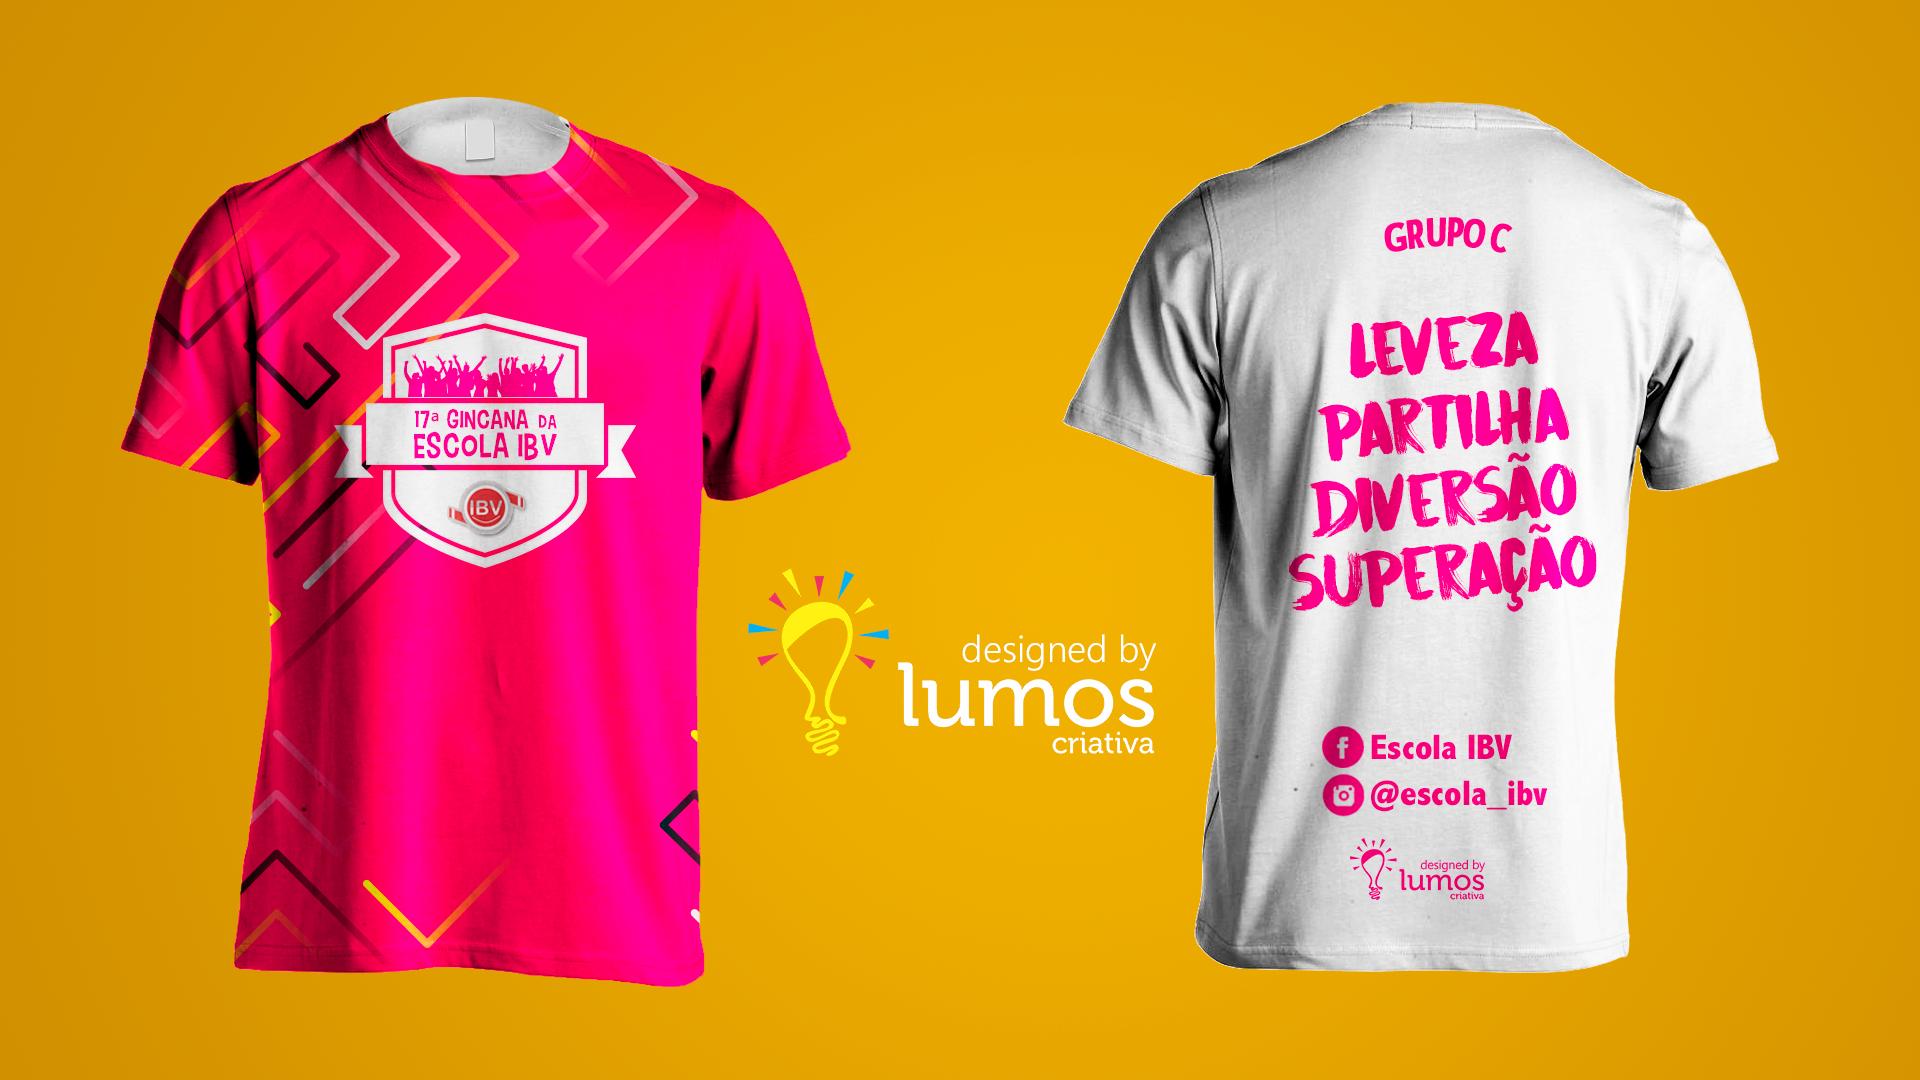 Camisa-gincana-2019-GRUPO-C.png